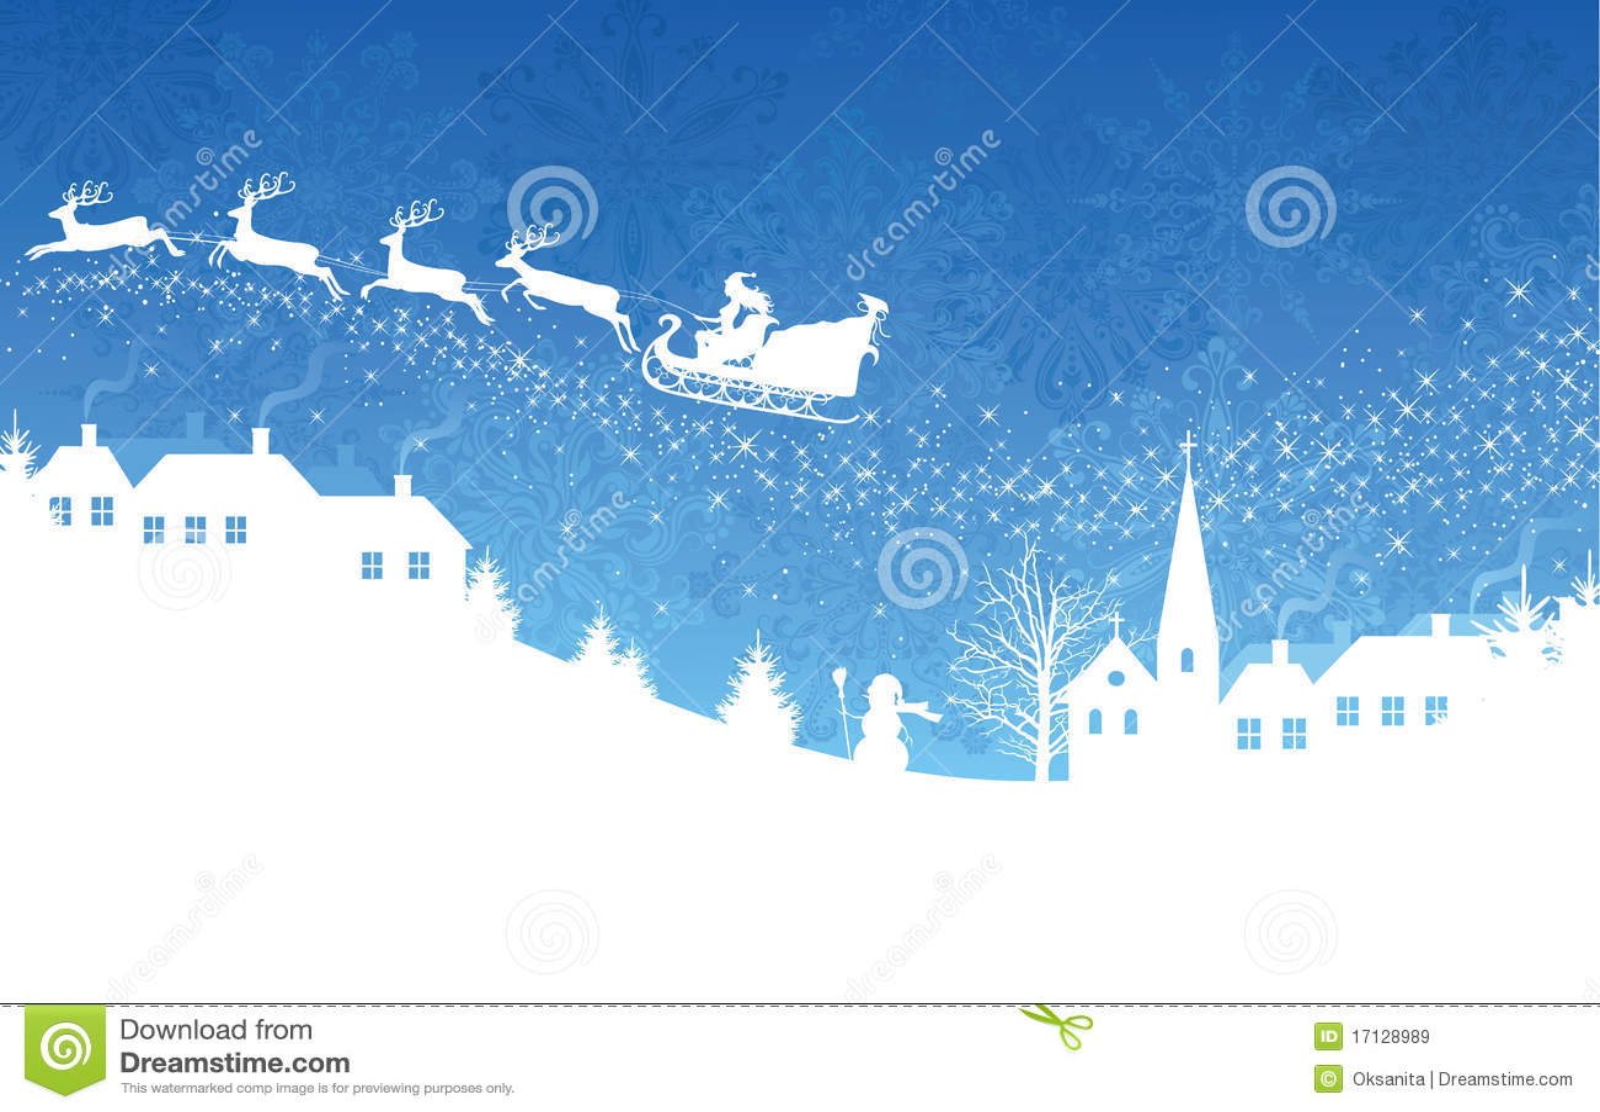 Fond bleu de Noël.